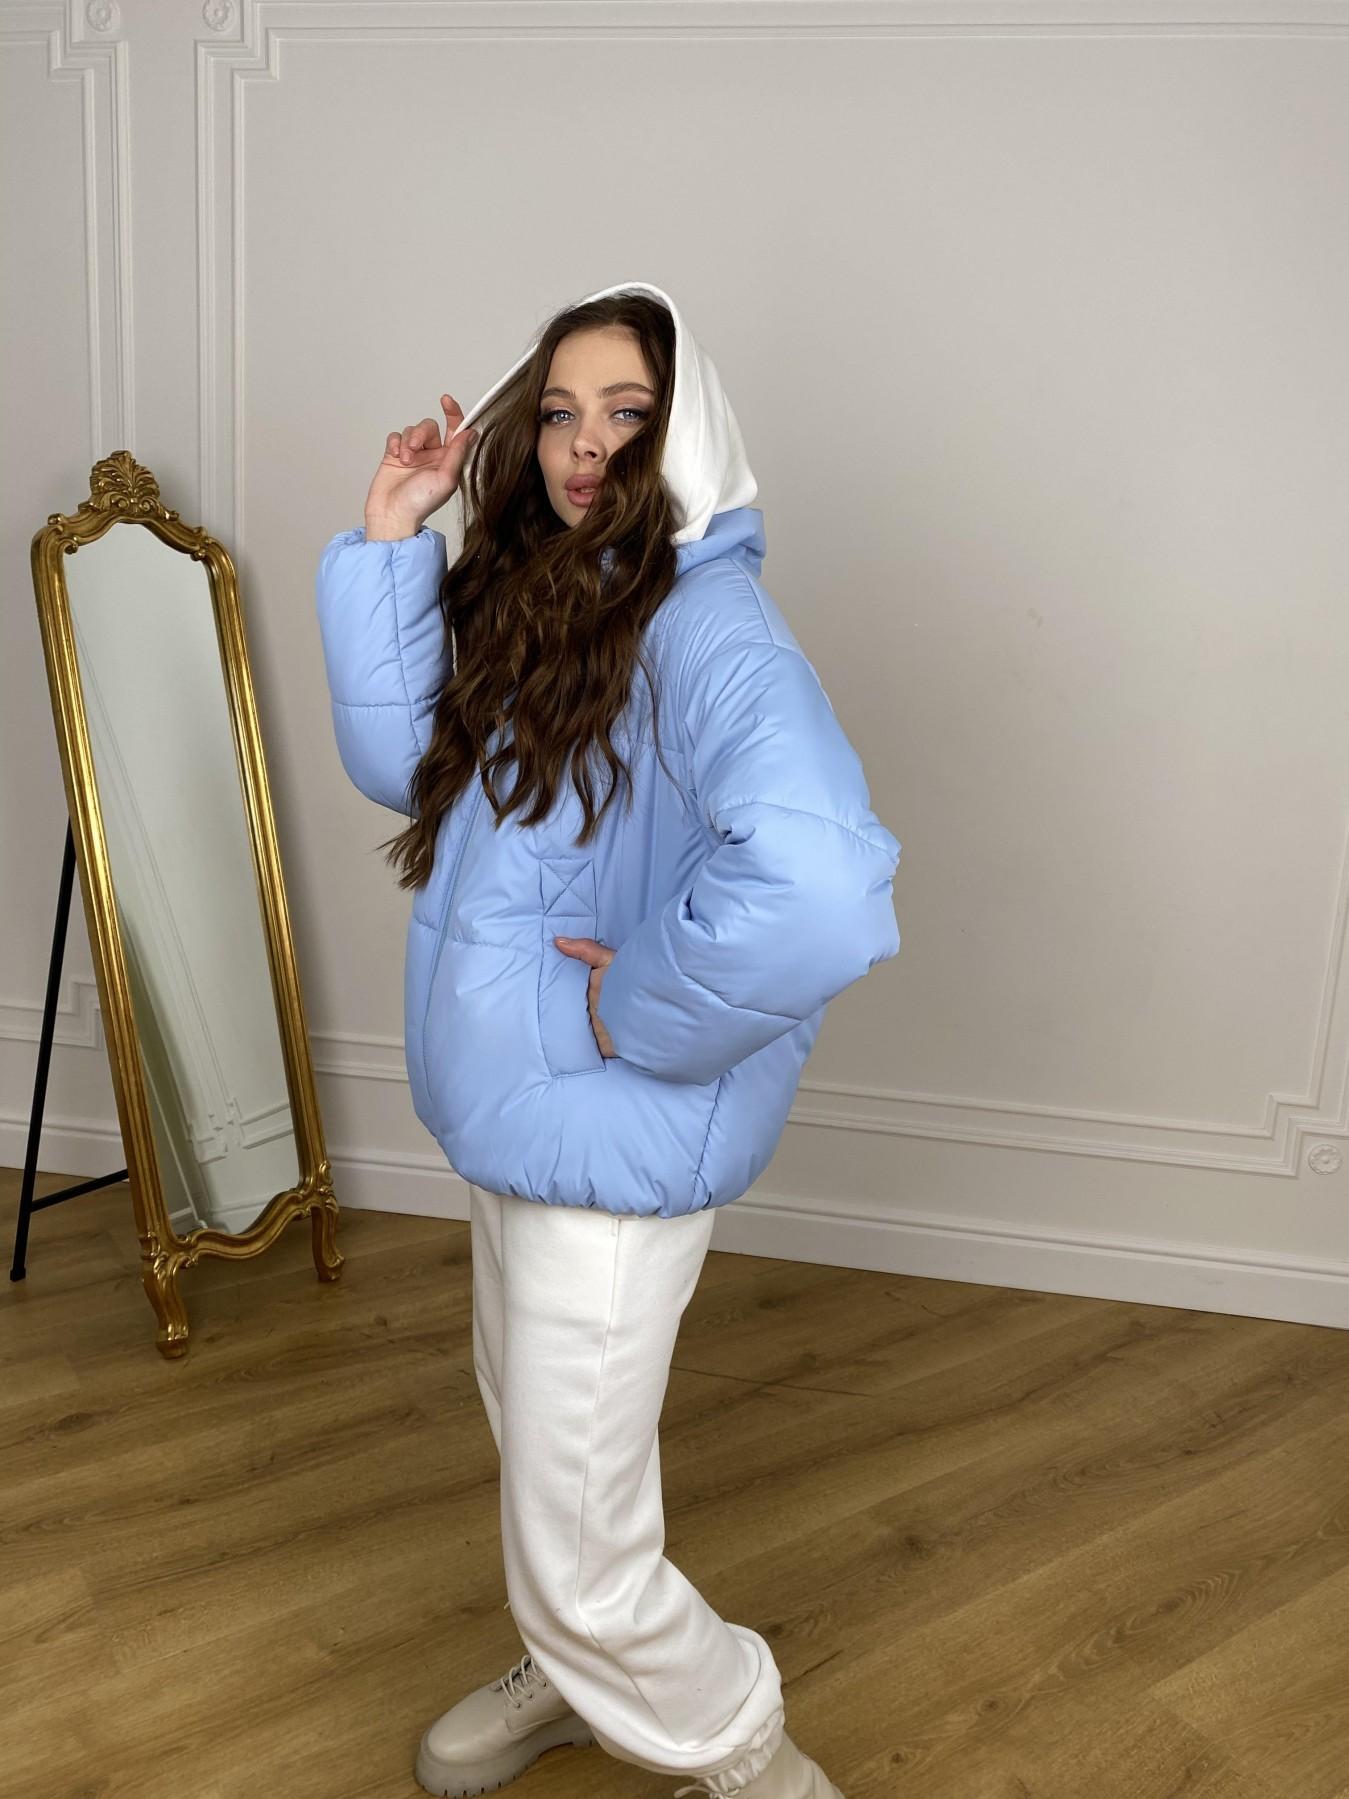 Муд куртка из плащевой ткани 10509 АРТ. 46916 Цвет: Голубой - фото 7, интернет магазин tm-modus.ru